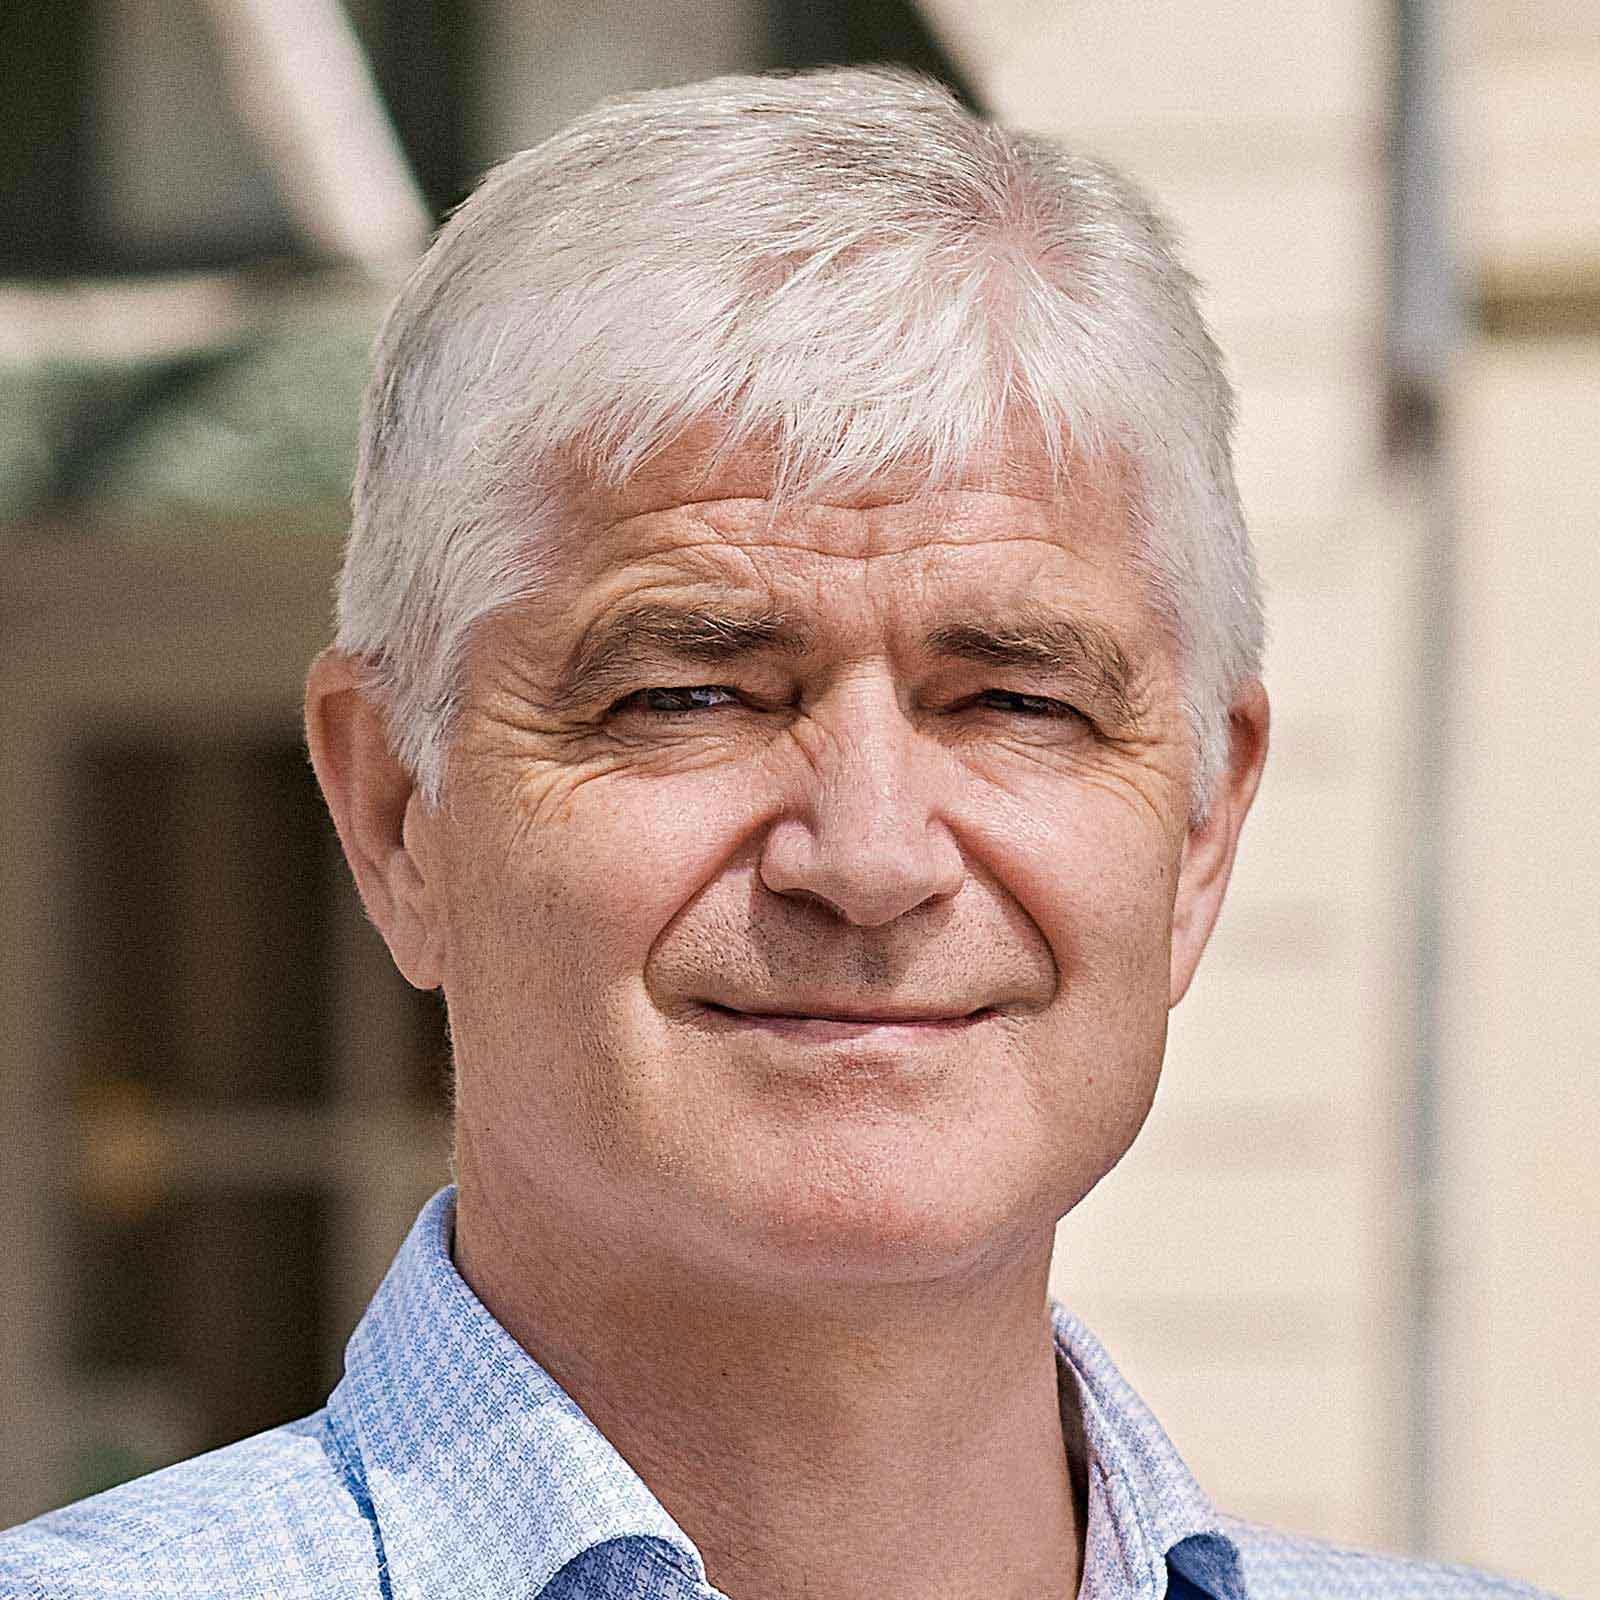 Adm. direktør John Christiansen